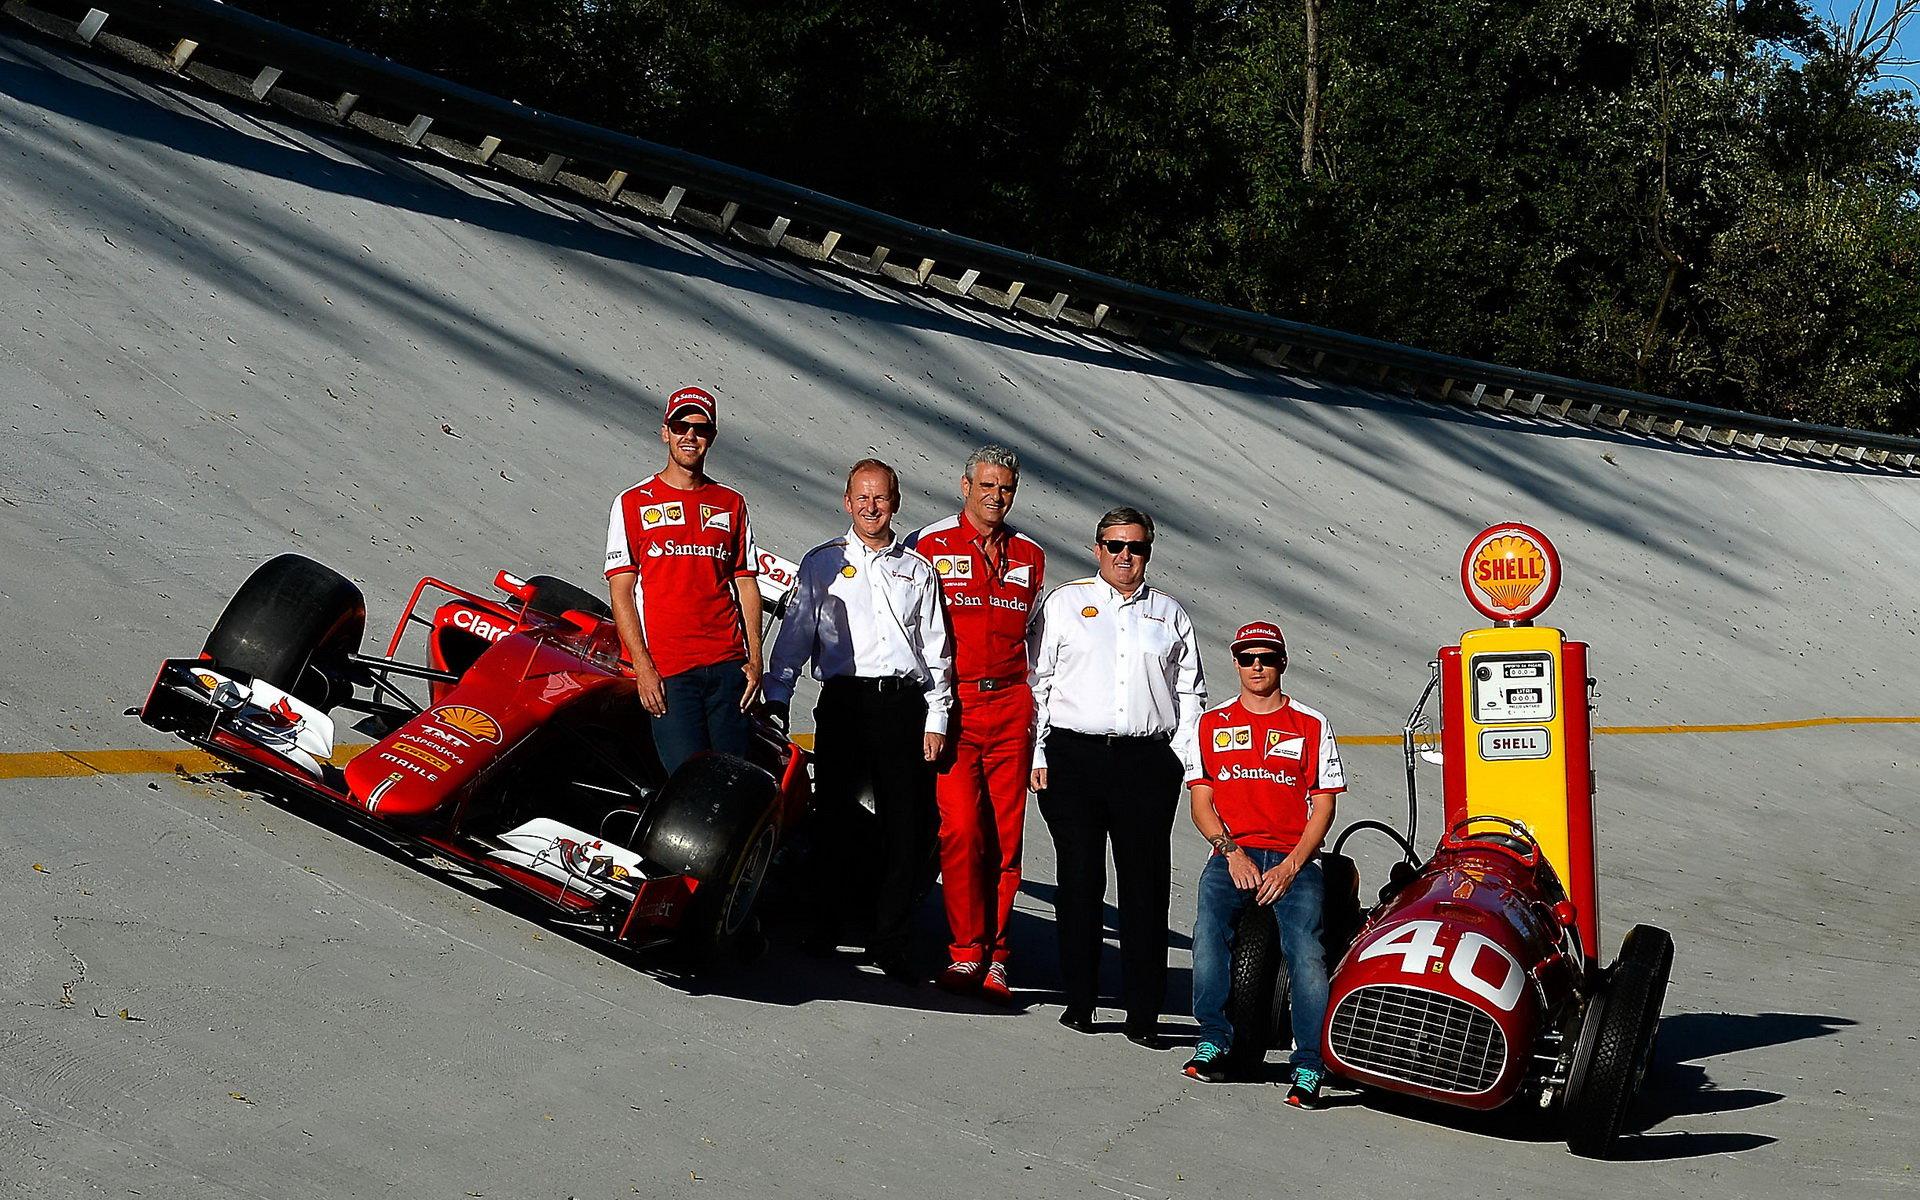 Shell významně pomáhá Ferrari k vyšším výkonům